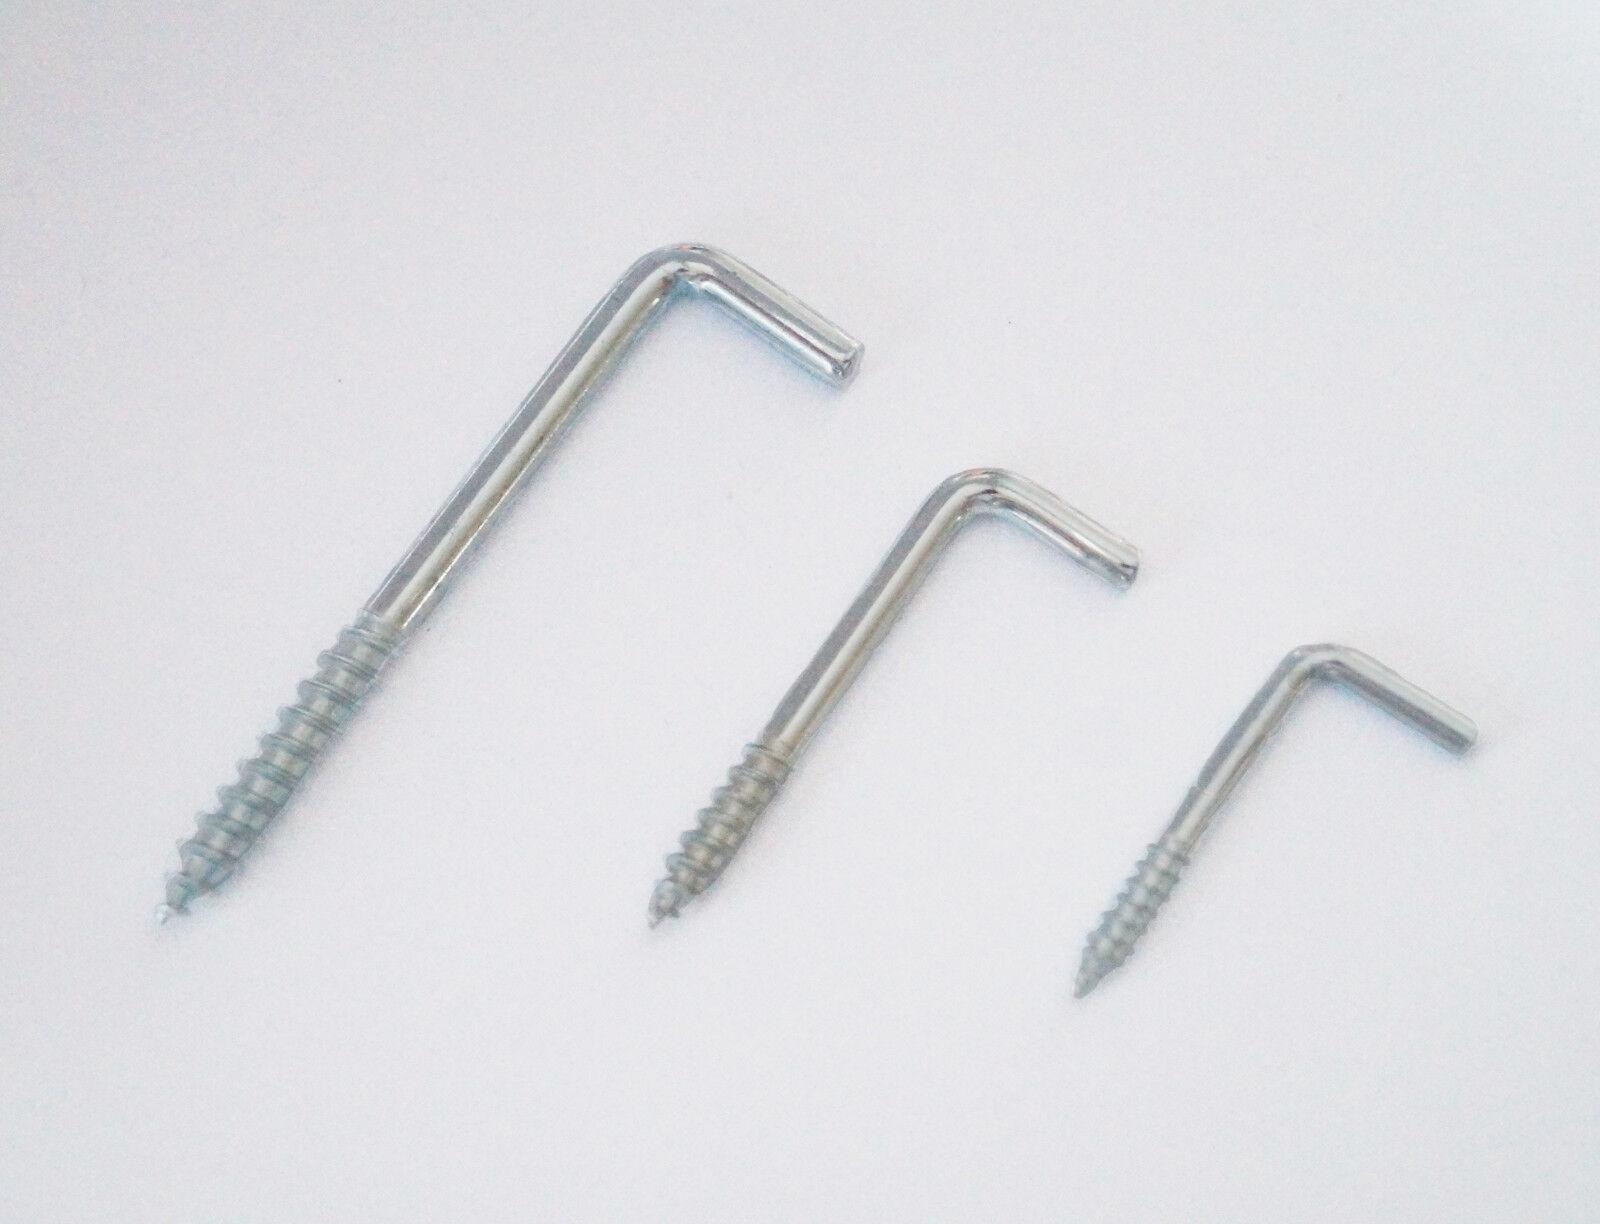 Schraube 05,5x22 Blech DIN7971 Schlie/ßhaken